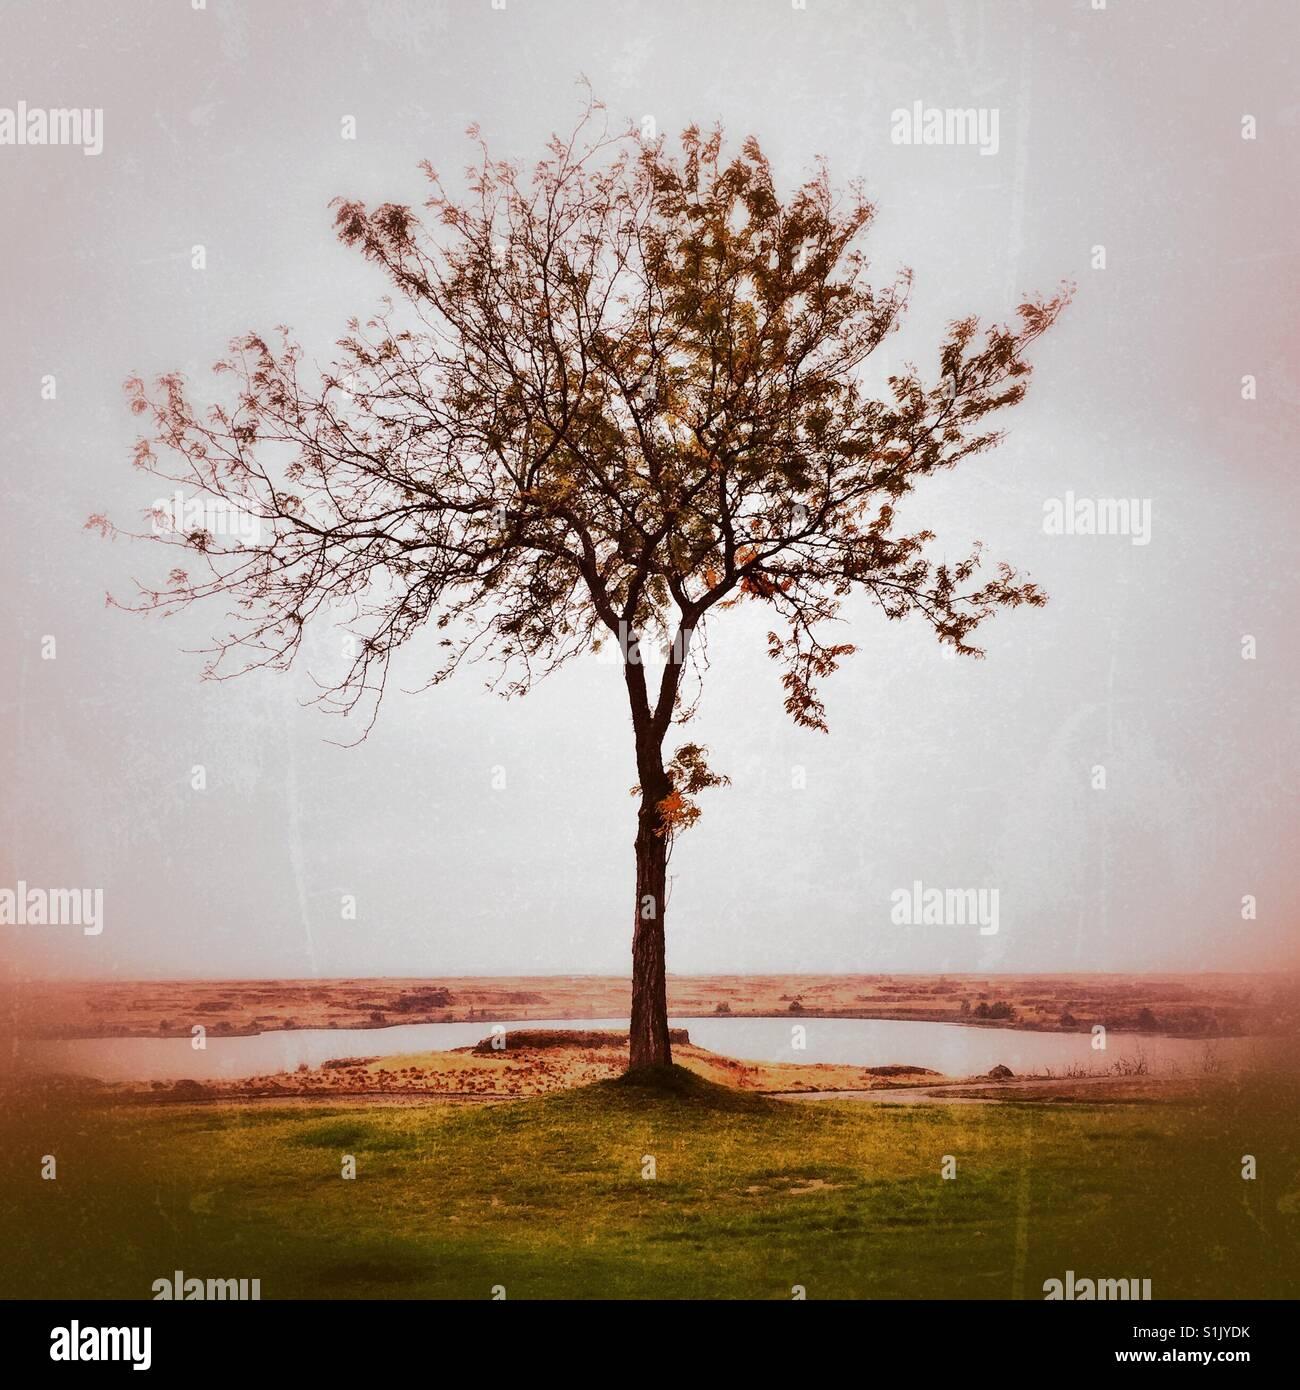 Ein einsamer Baum im Herbst Stockbild